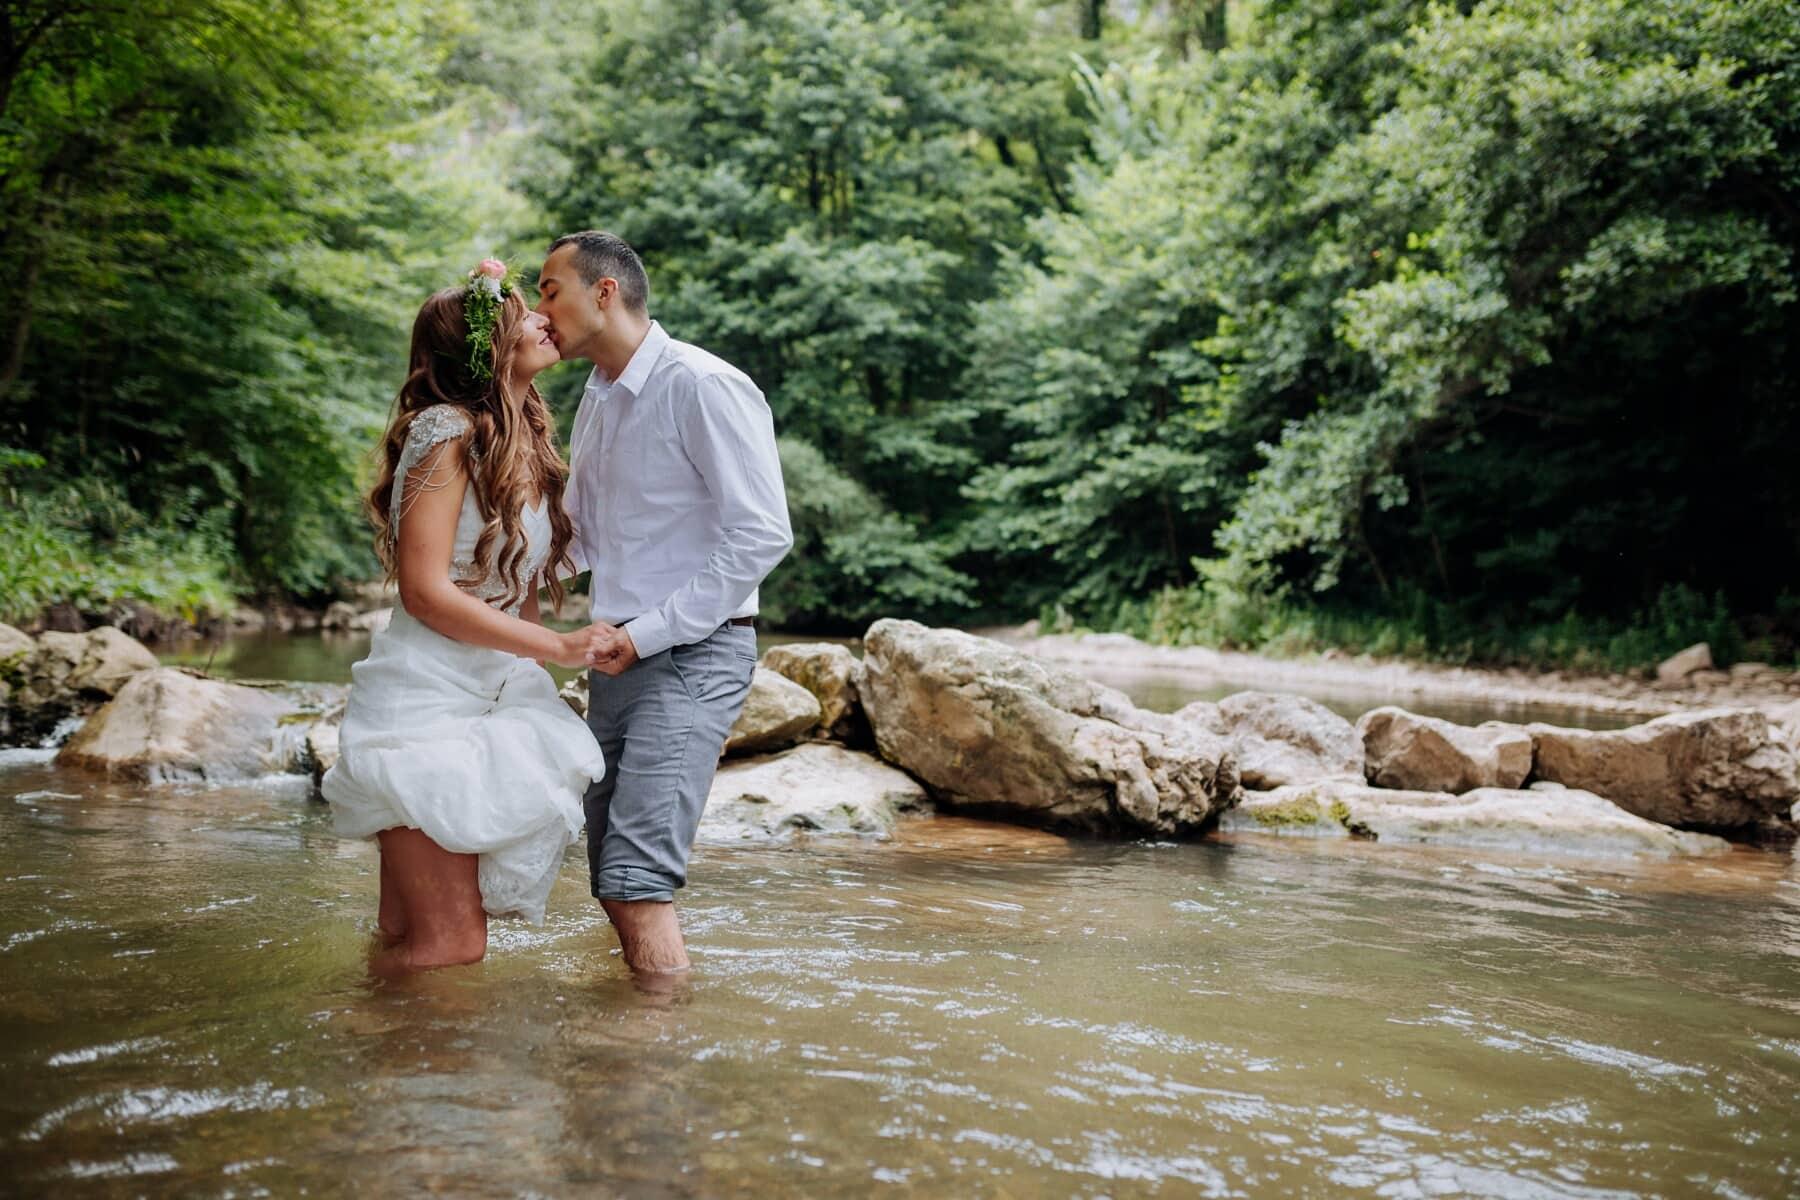 Kuss, Frau, Mann, Wasser, Bach, stehende, Fluss, Liebe, Natur, Zweisamkeit